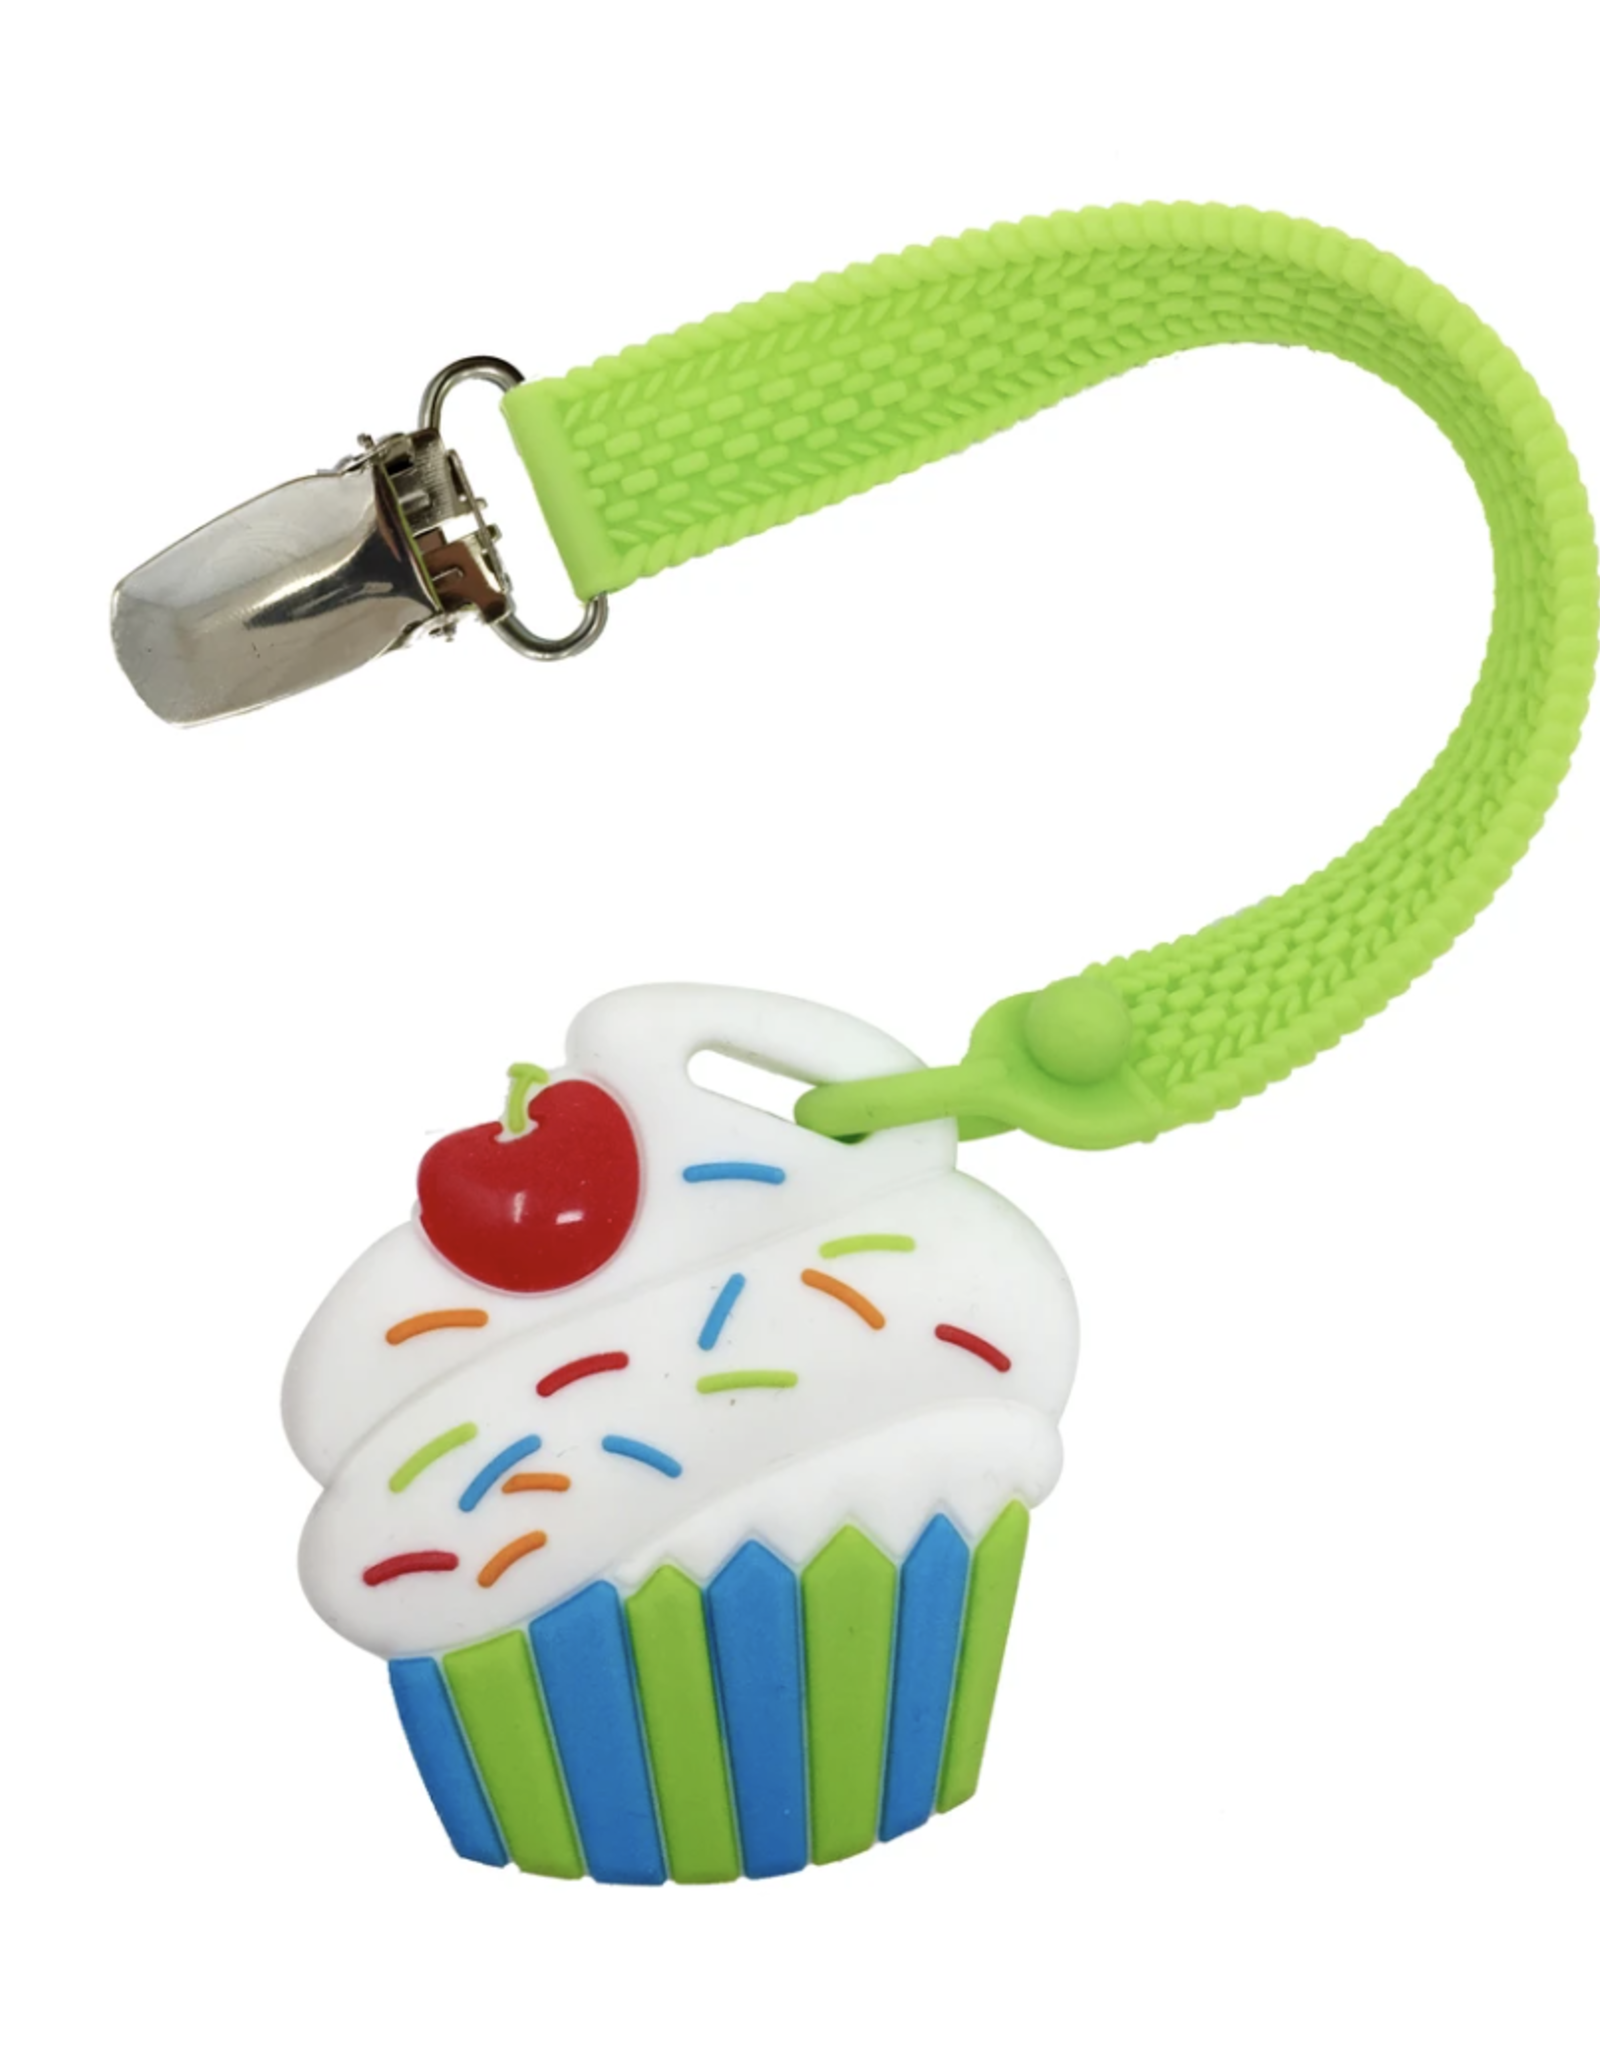 Silli Chews Mini Teether & Strap Set